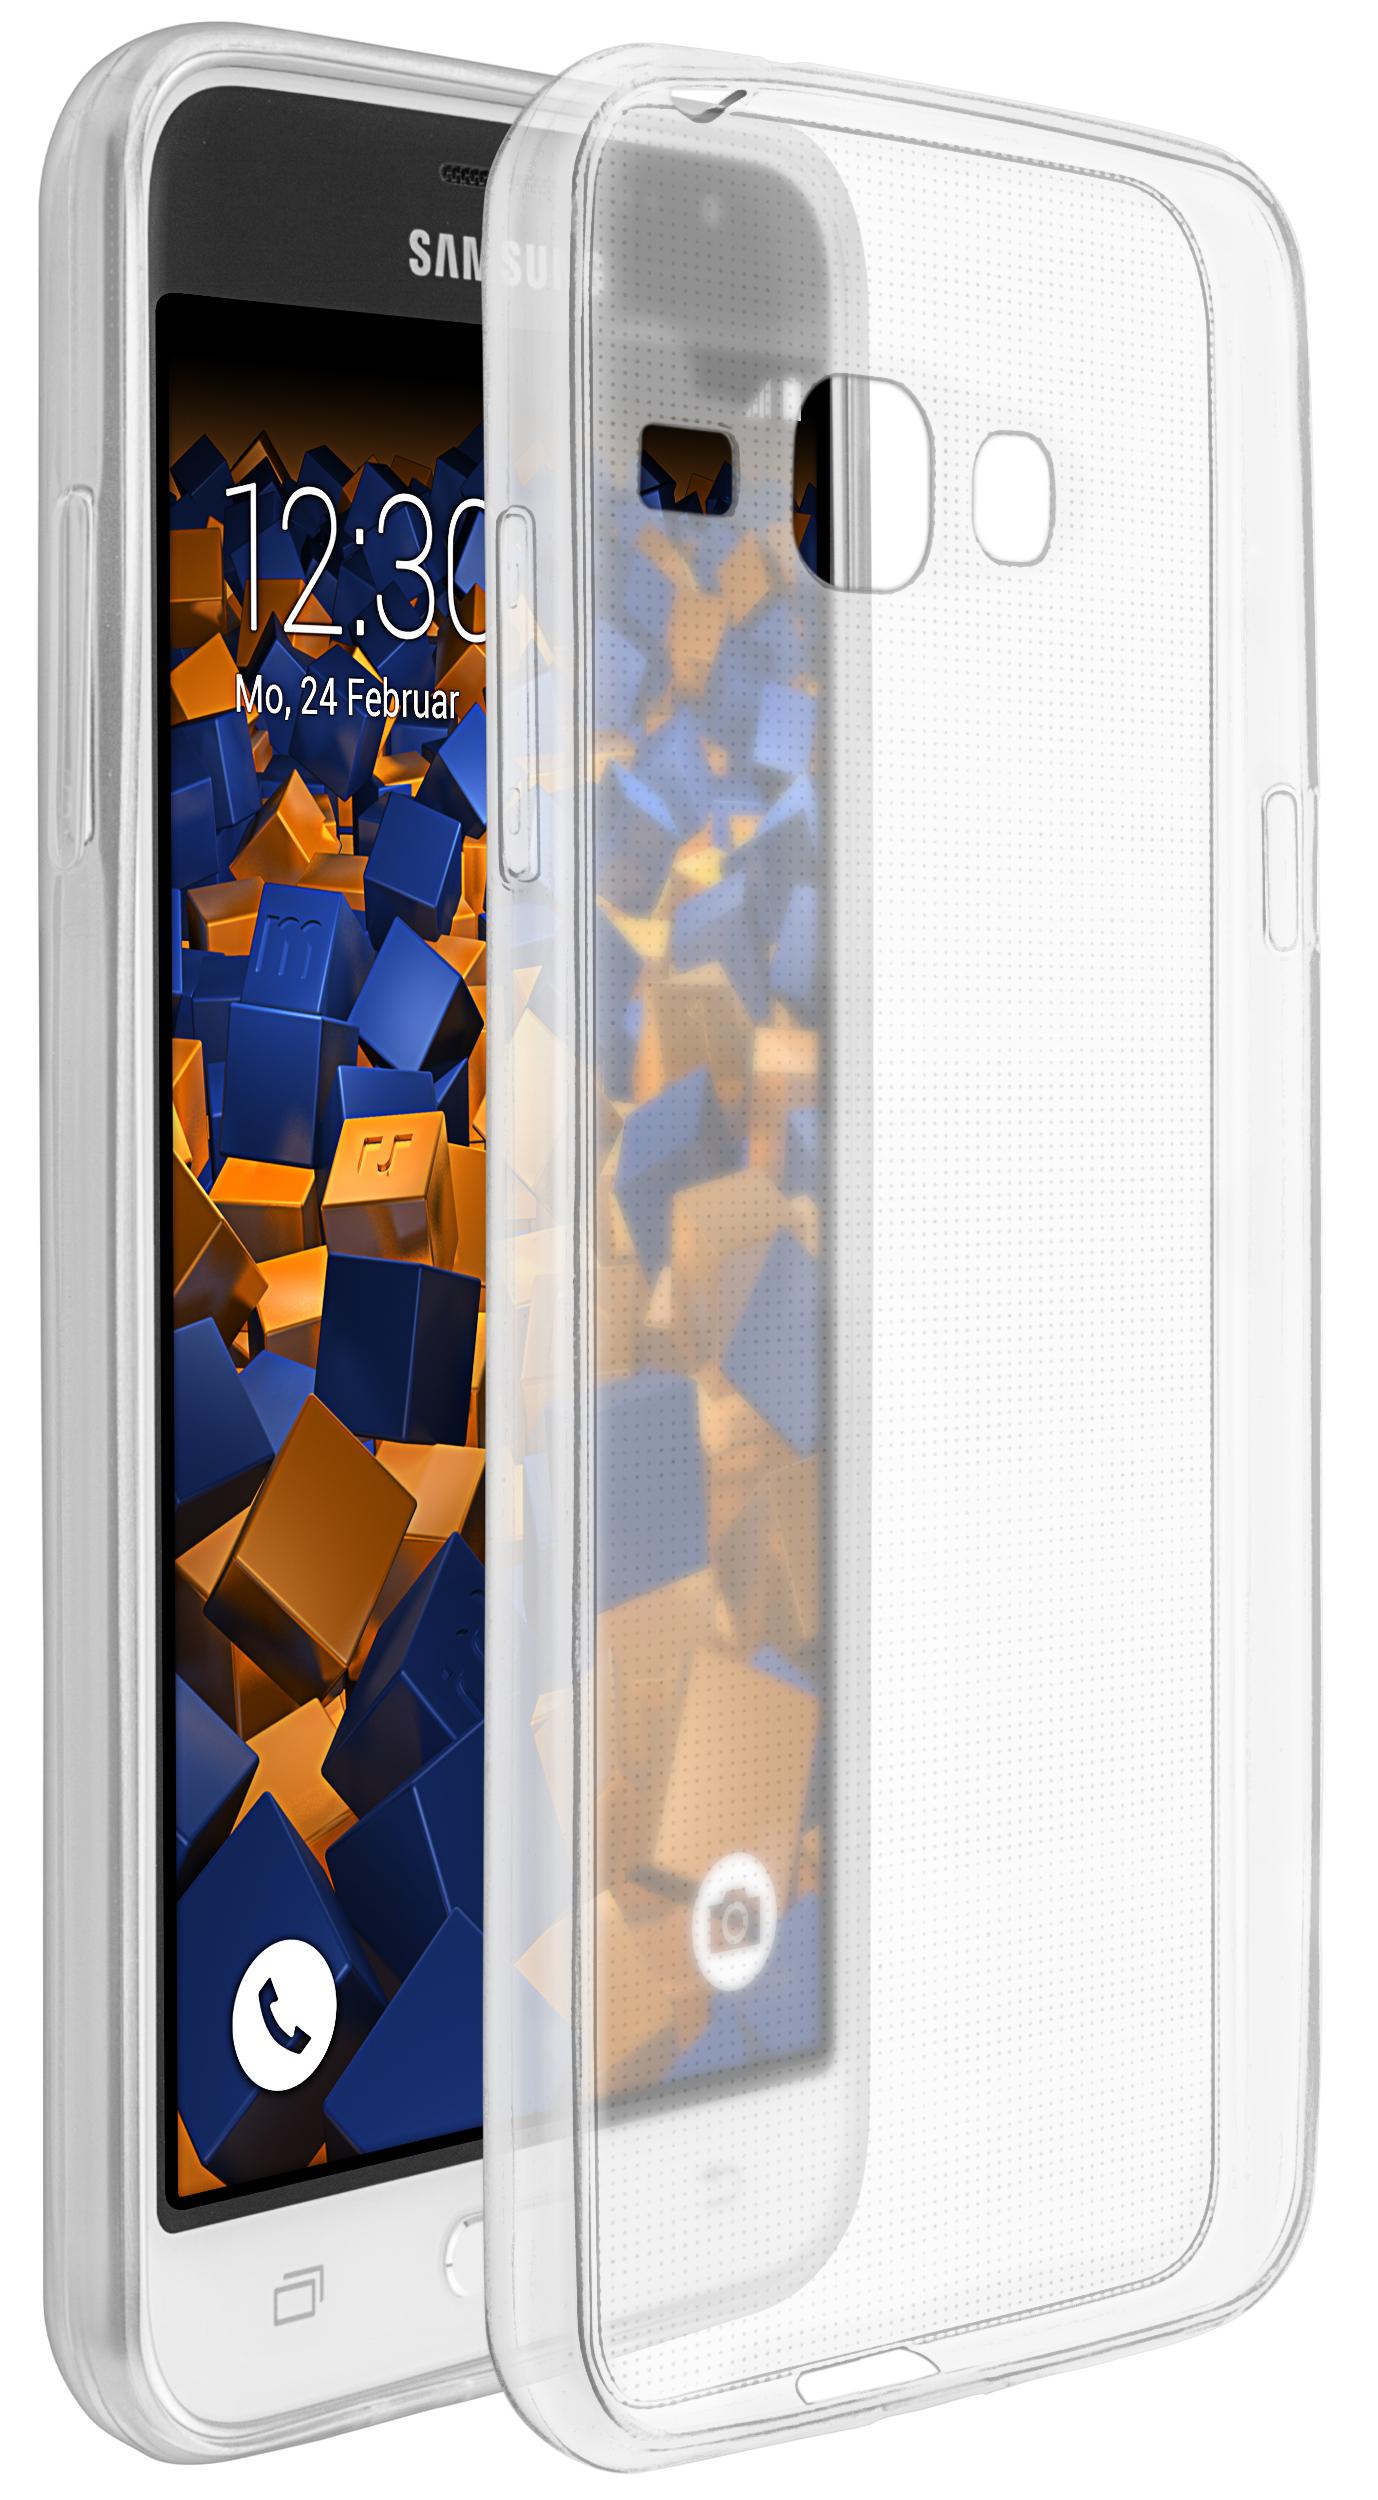 TPU Hülle Ultra Slim transparent für Samsung Galaxy J3 2016 Galaxy J3 2016 Samsung weitere Modelle Weitere Modelle Hersteller